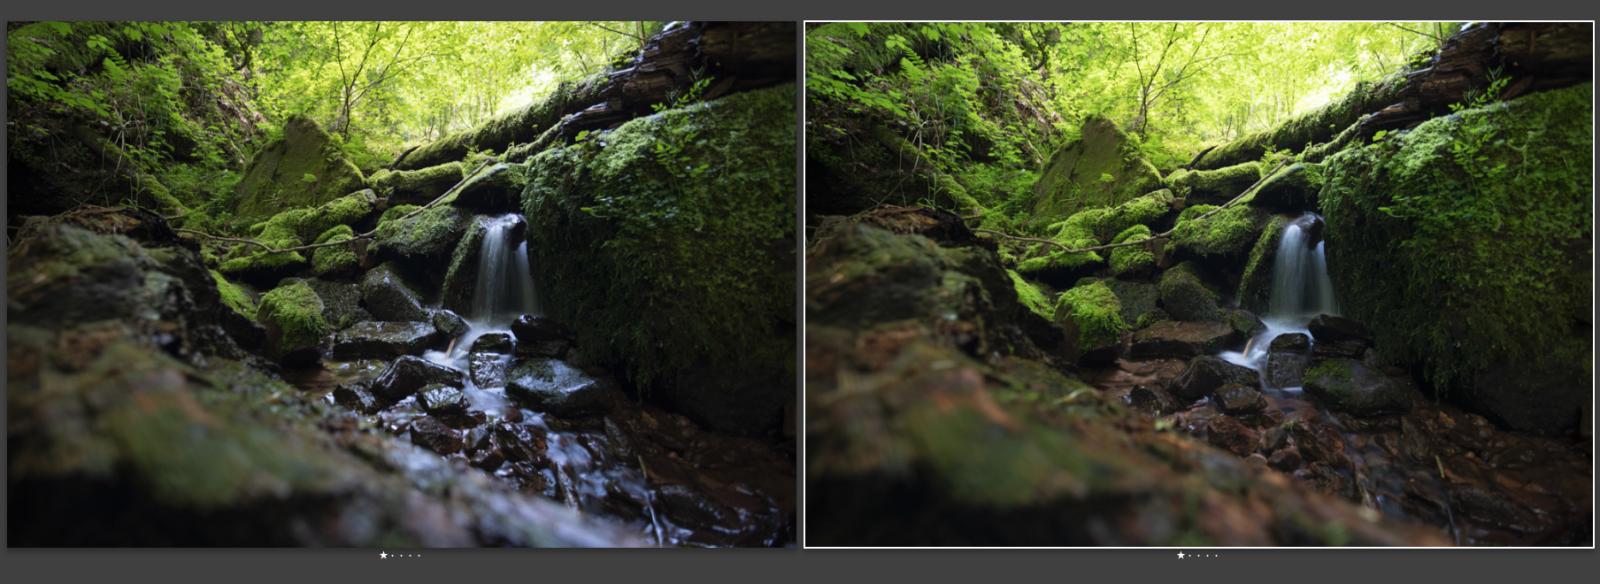 Vergleich der Wirkung: Polfilter am Wasserfall